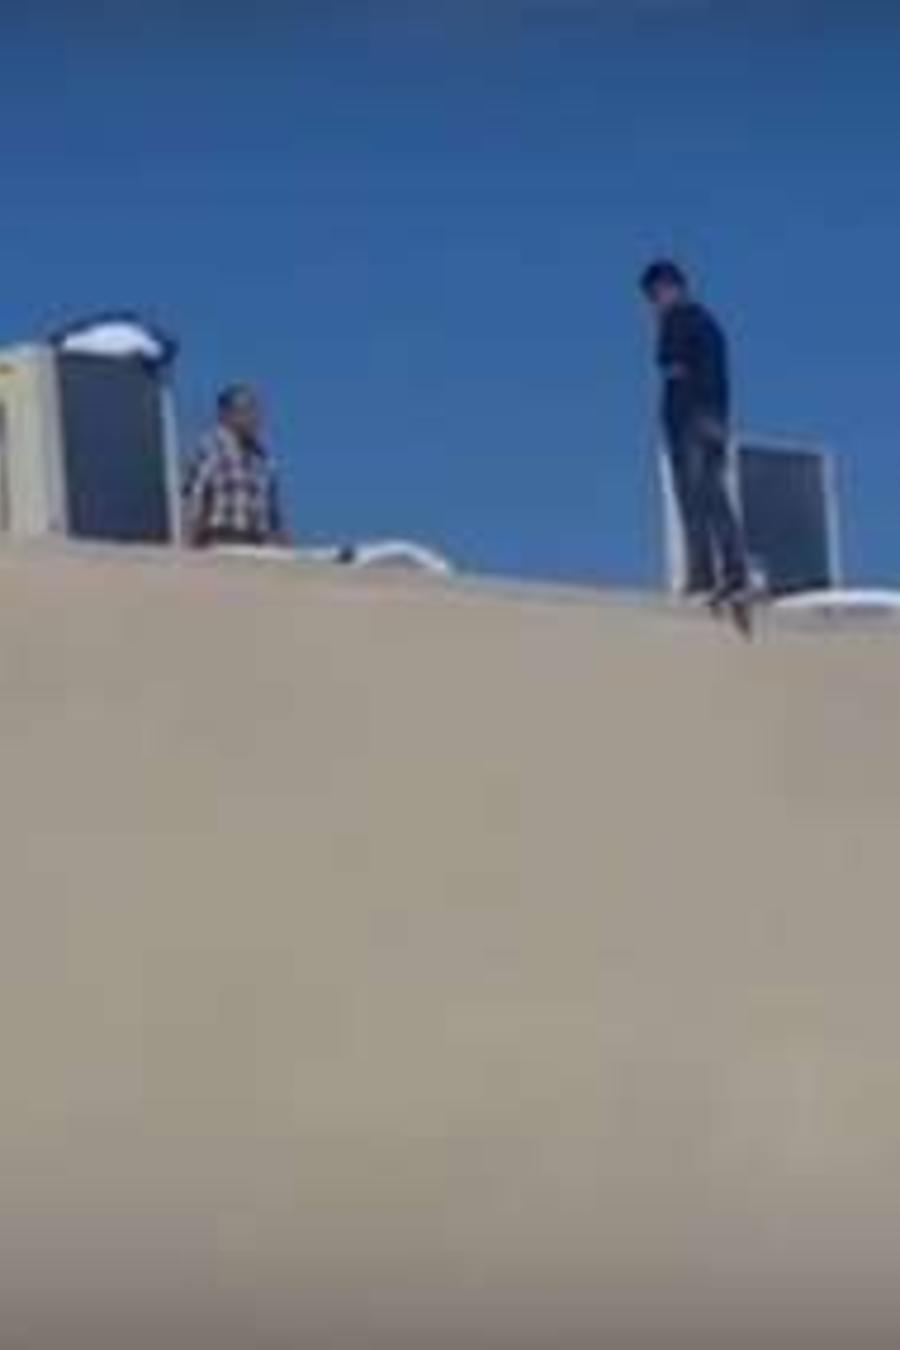 Joven detiene el suicidio de un compañero en la ciudad mexicana de Torreón